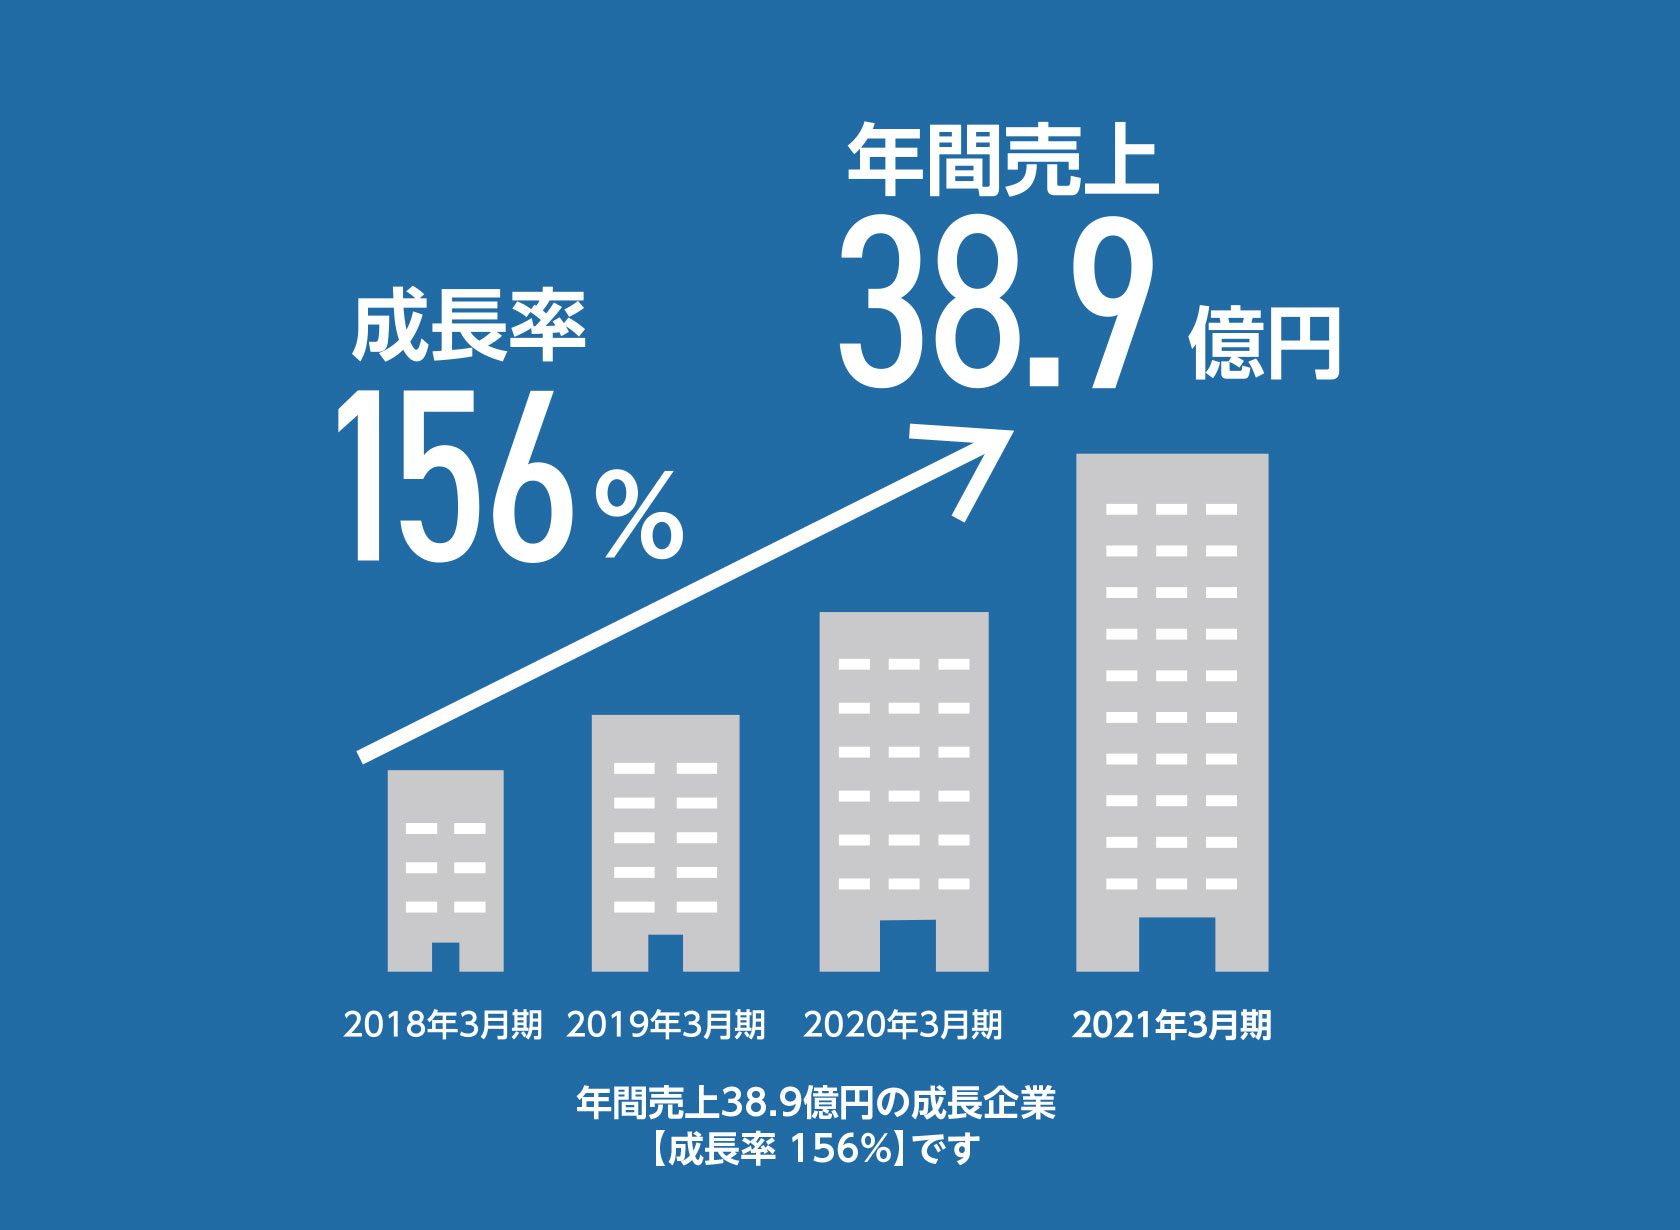 年間売上35.6億円の成長企業[成長率142%]です